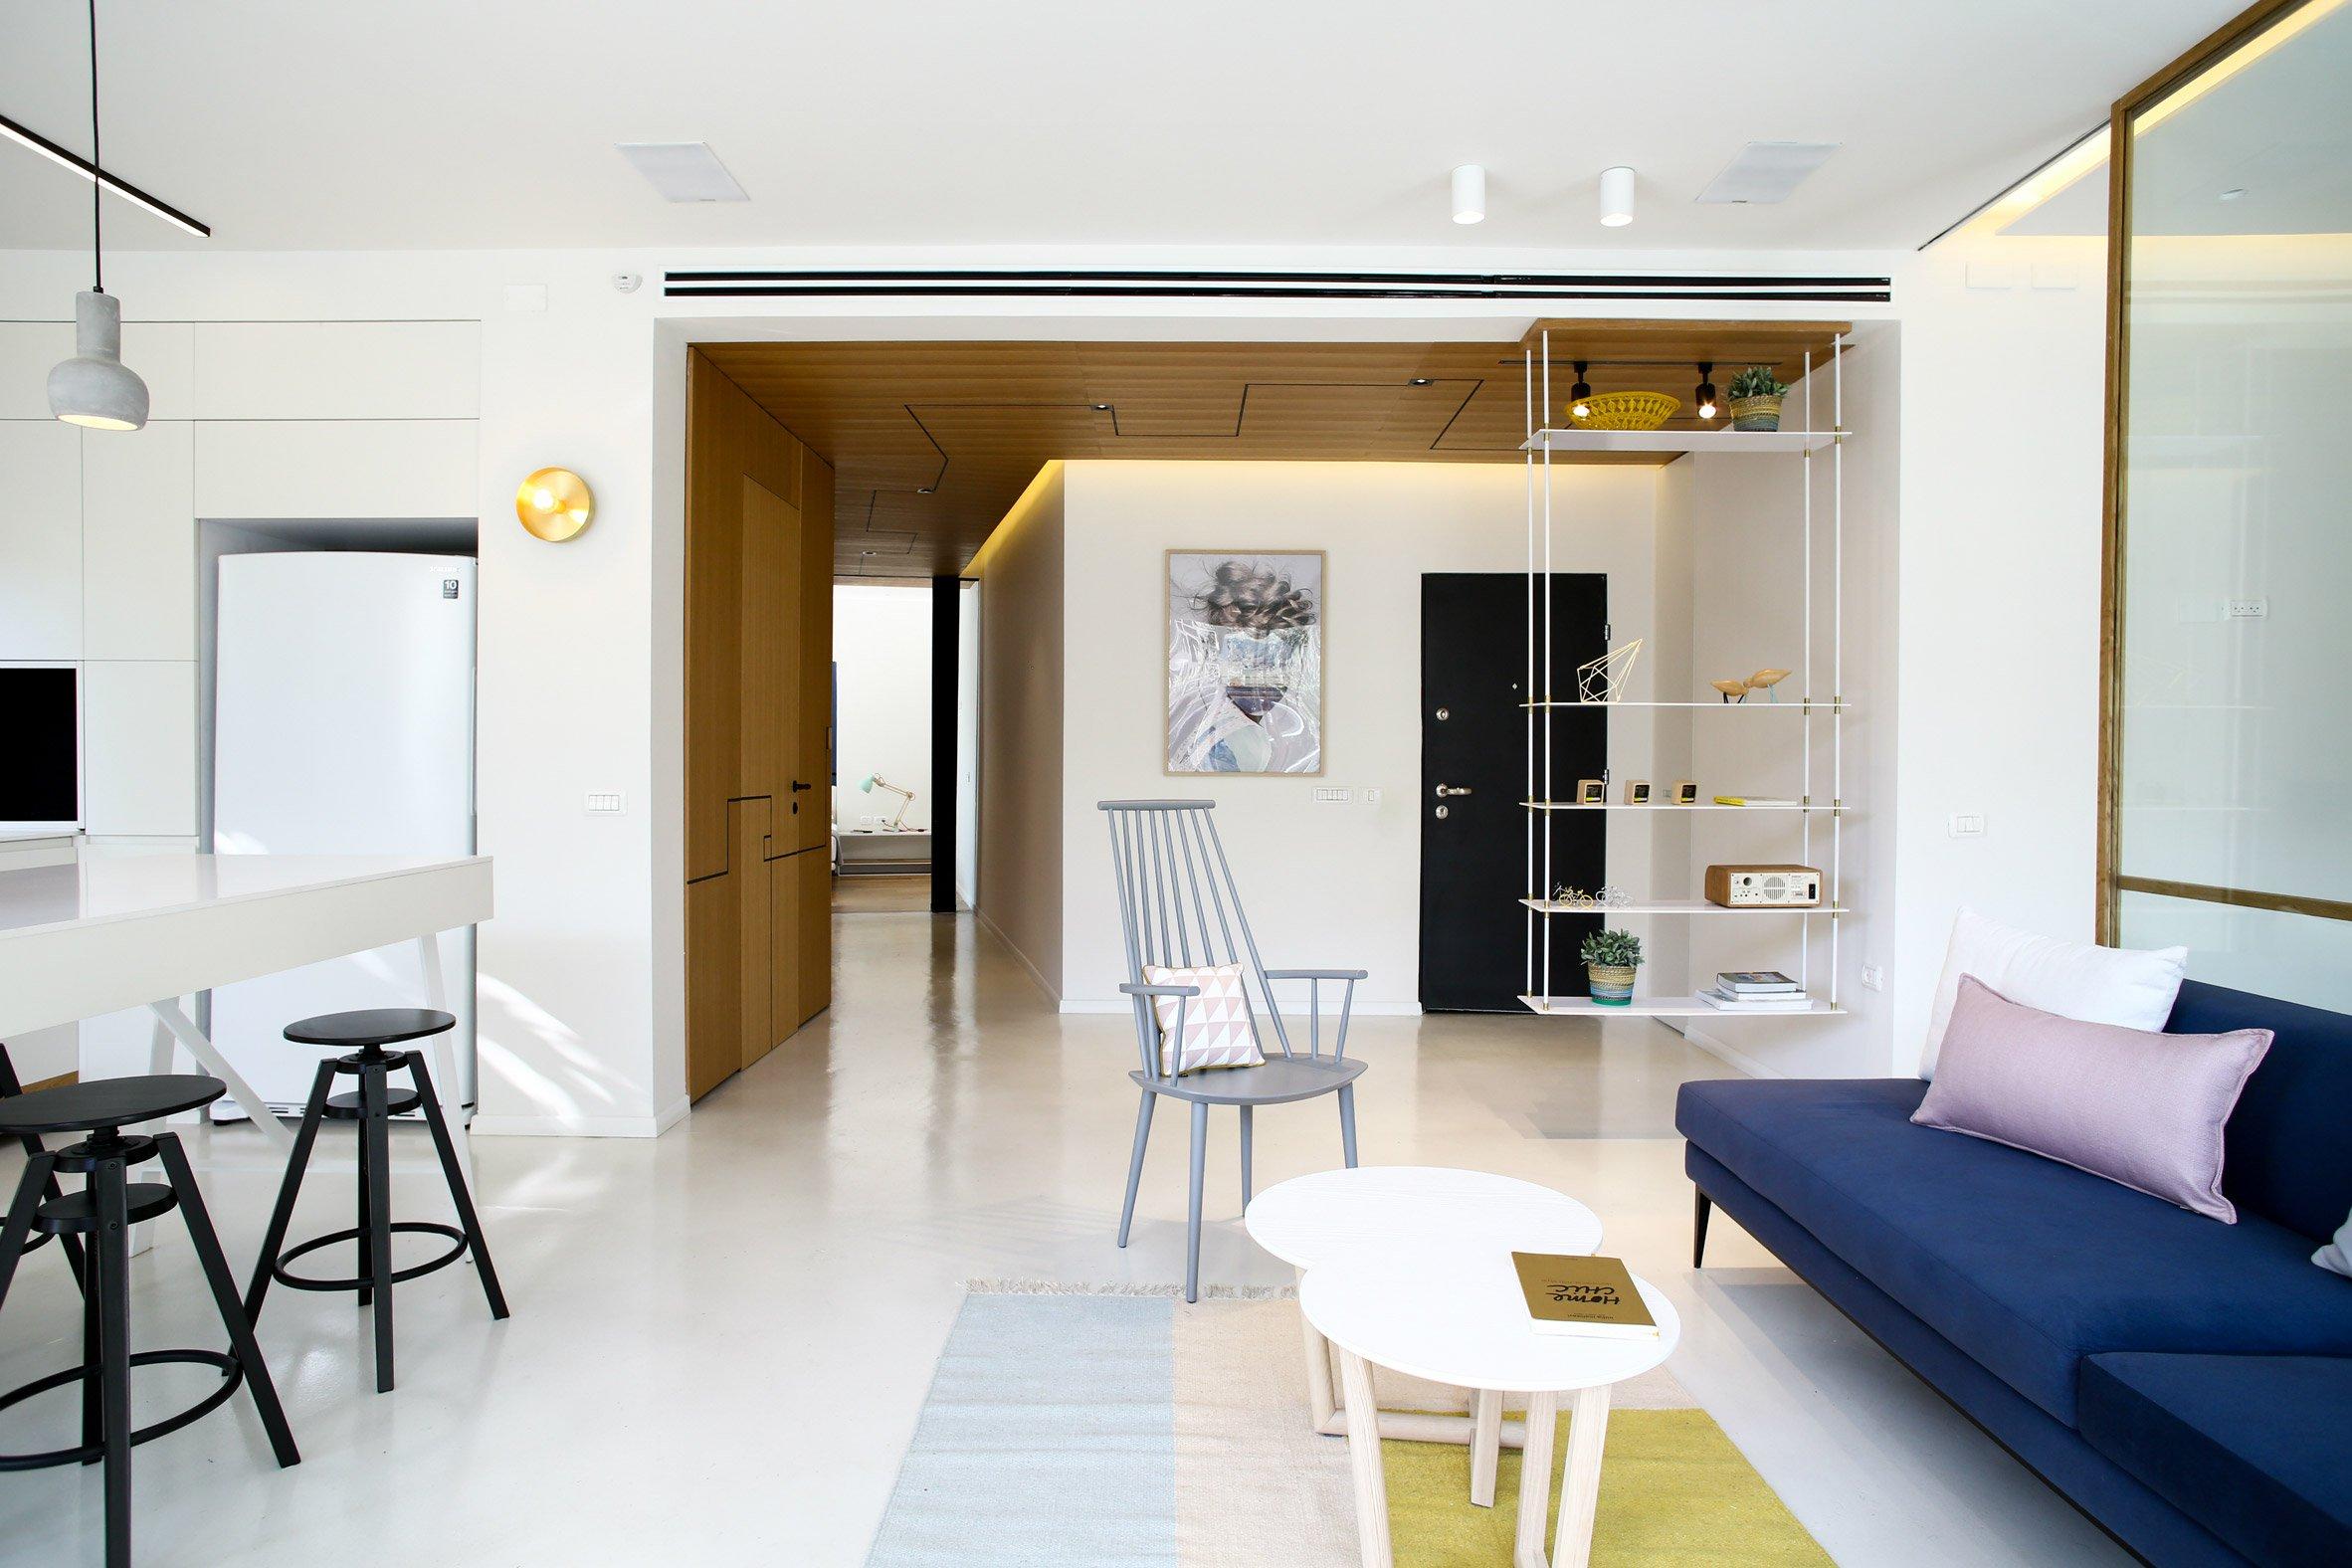 architecture-apartment-tel-aviv-design-studia-interiors-osnovadesign-osnova-poltava_07